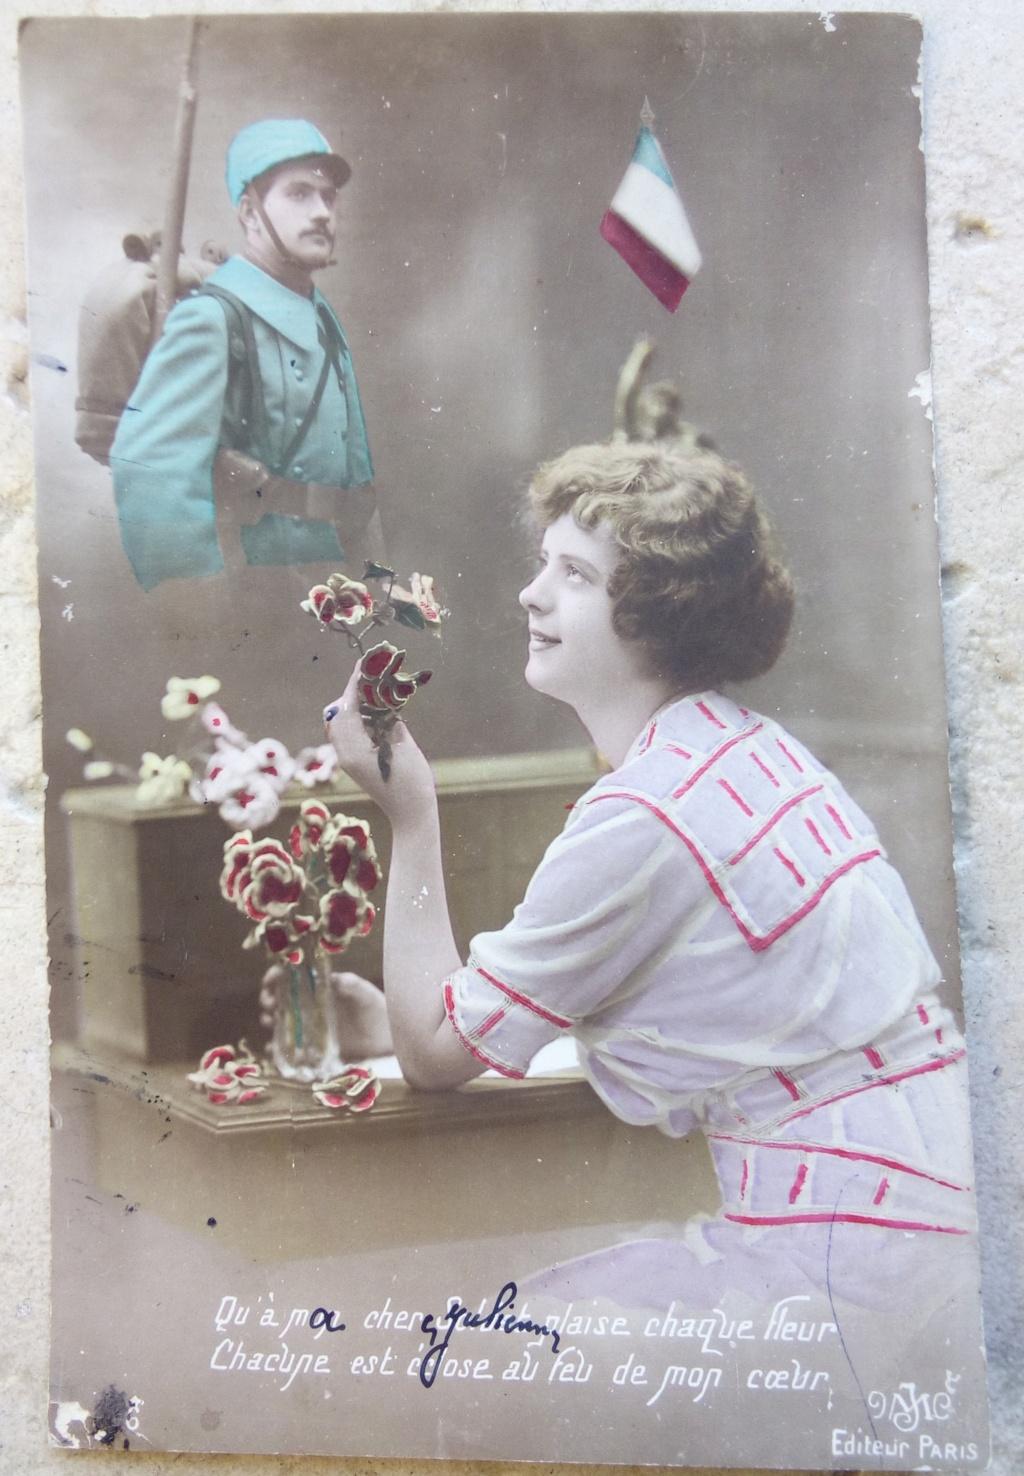 Cartes postales patriotiques françaises de la Grande Guerre - recensement - Page 2 Img_2815